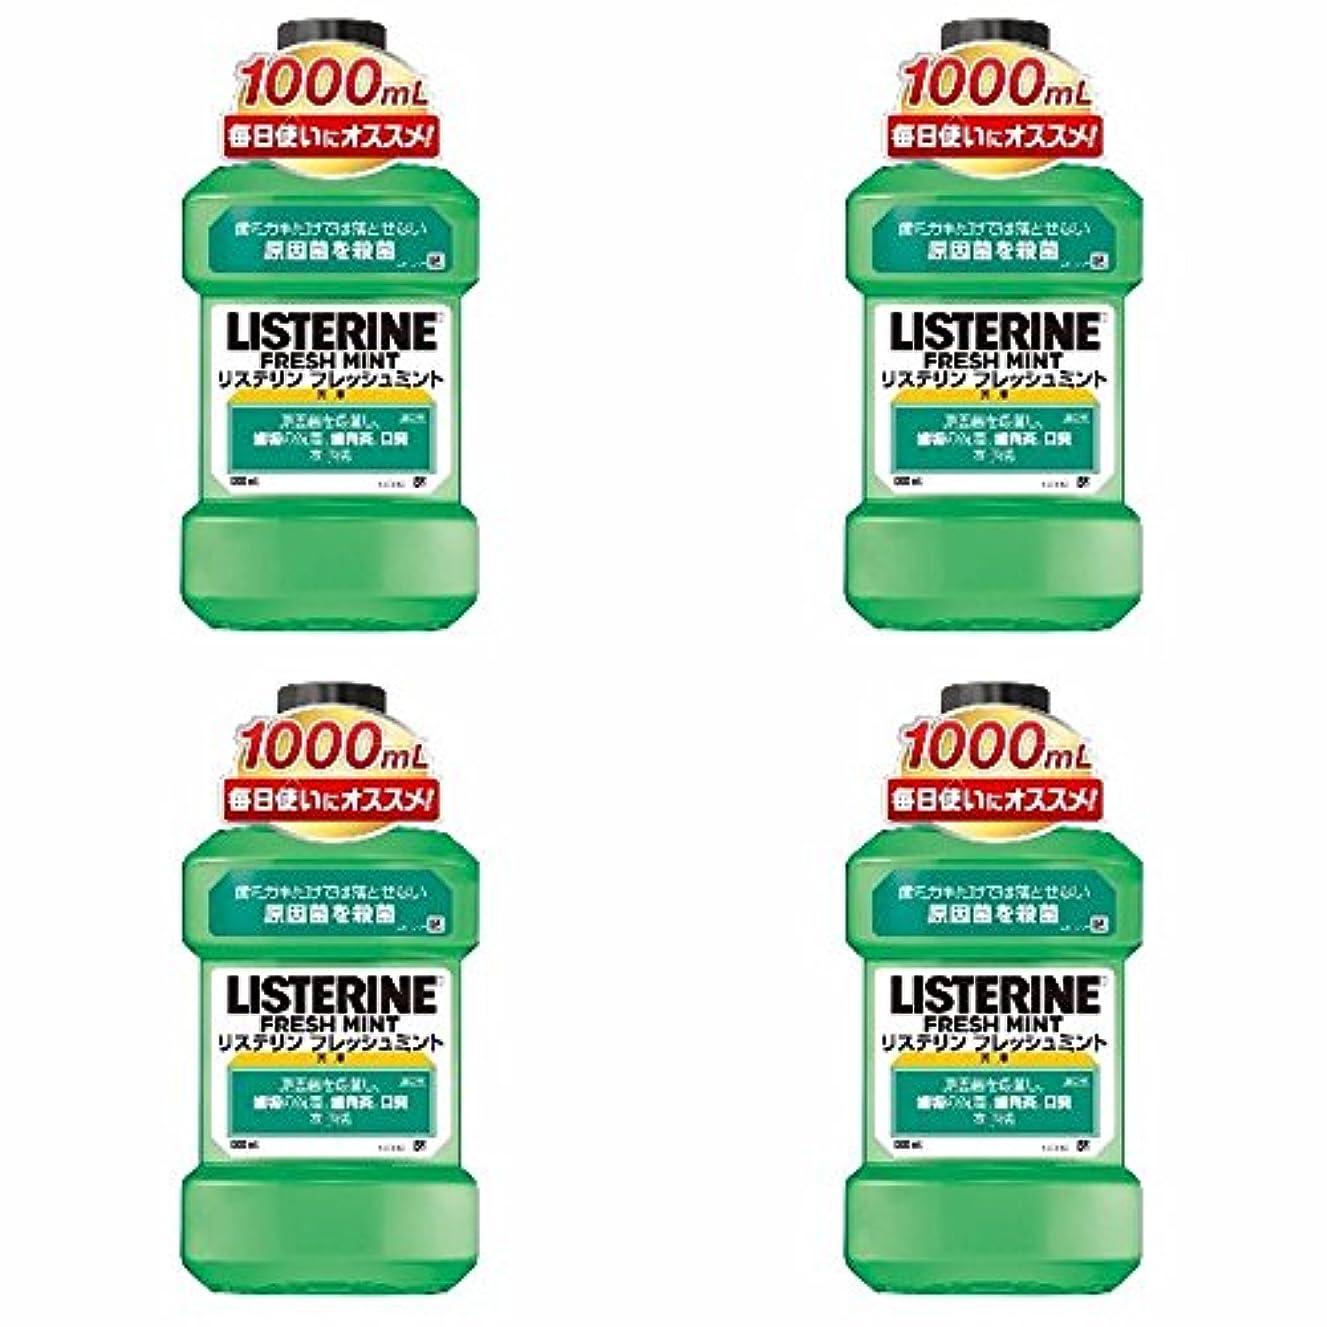 ヒステリックダニ生まれ【まとめ買い】薬用 LISTERINE リステリン フレッシュミント 1000ml×4個